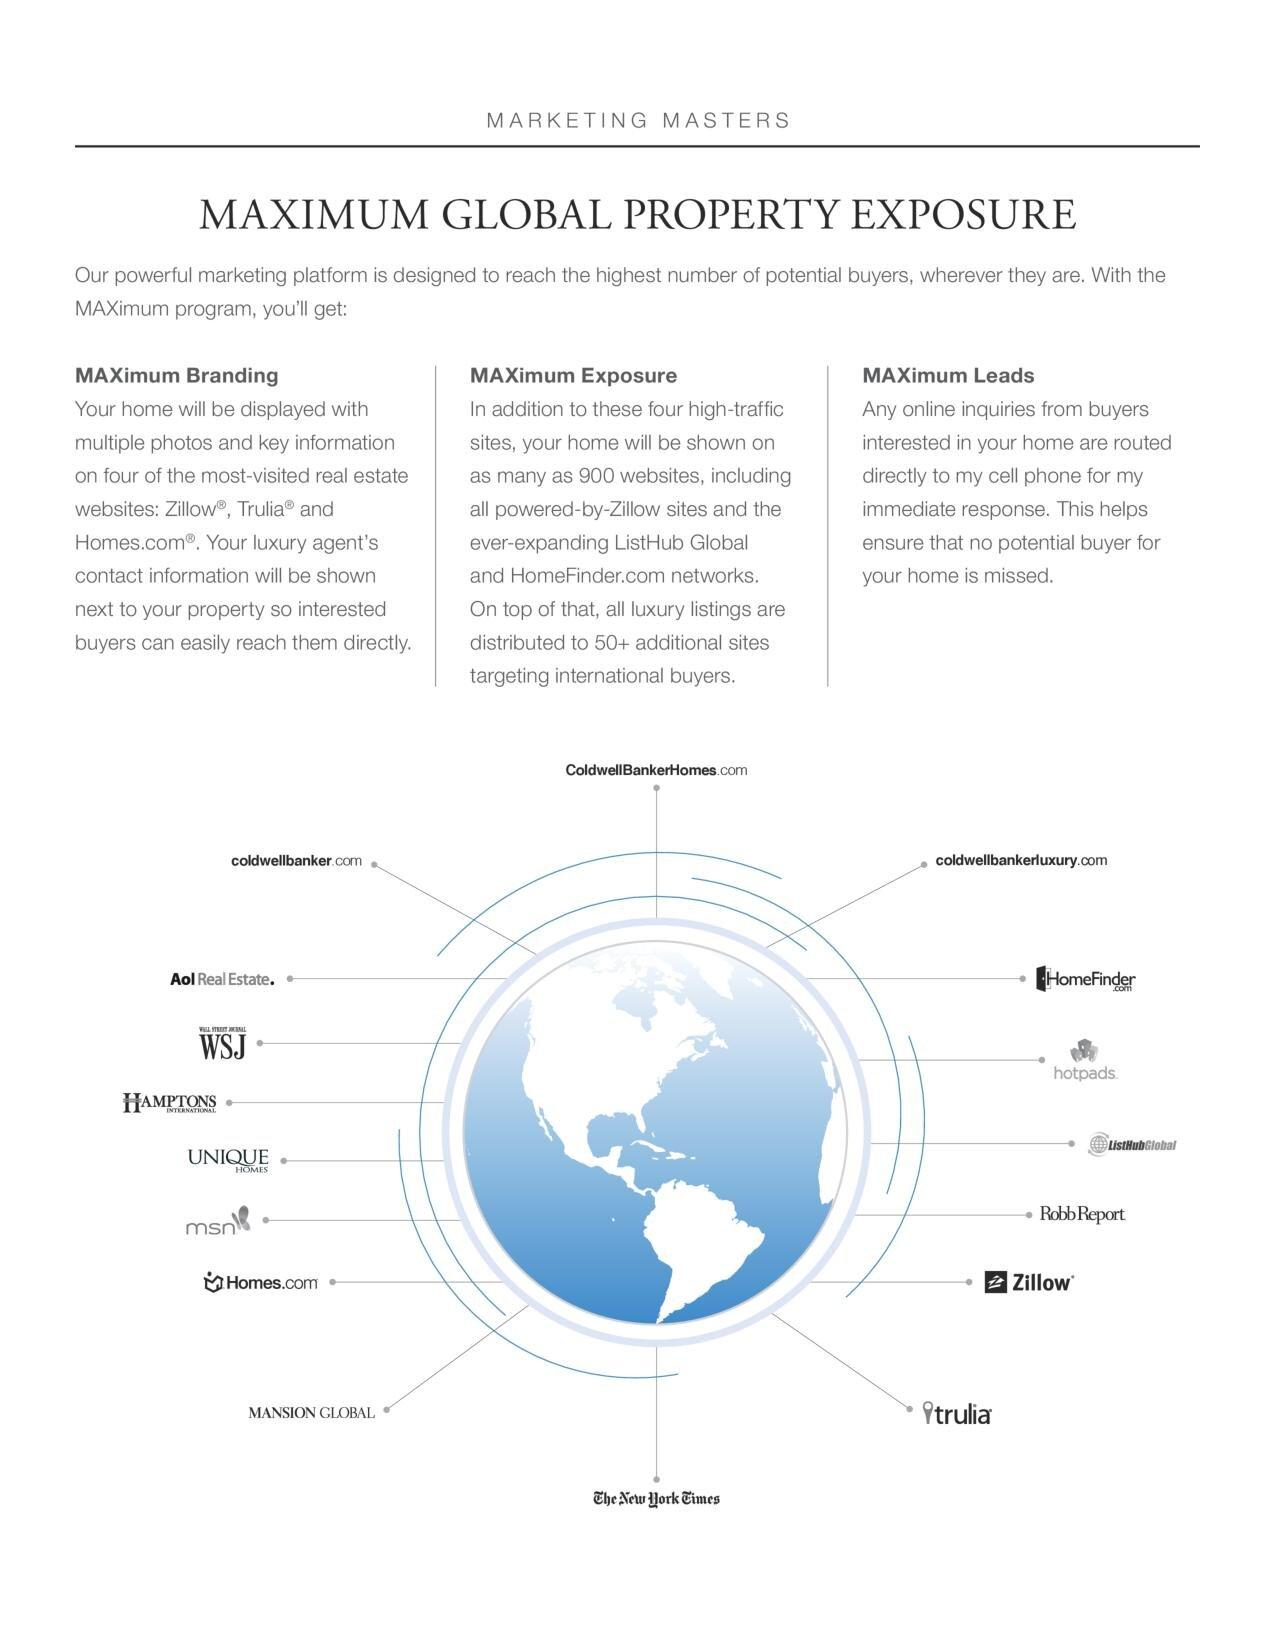 Global-page-001.jpg